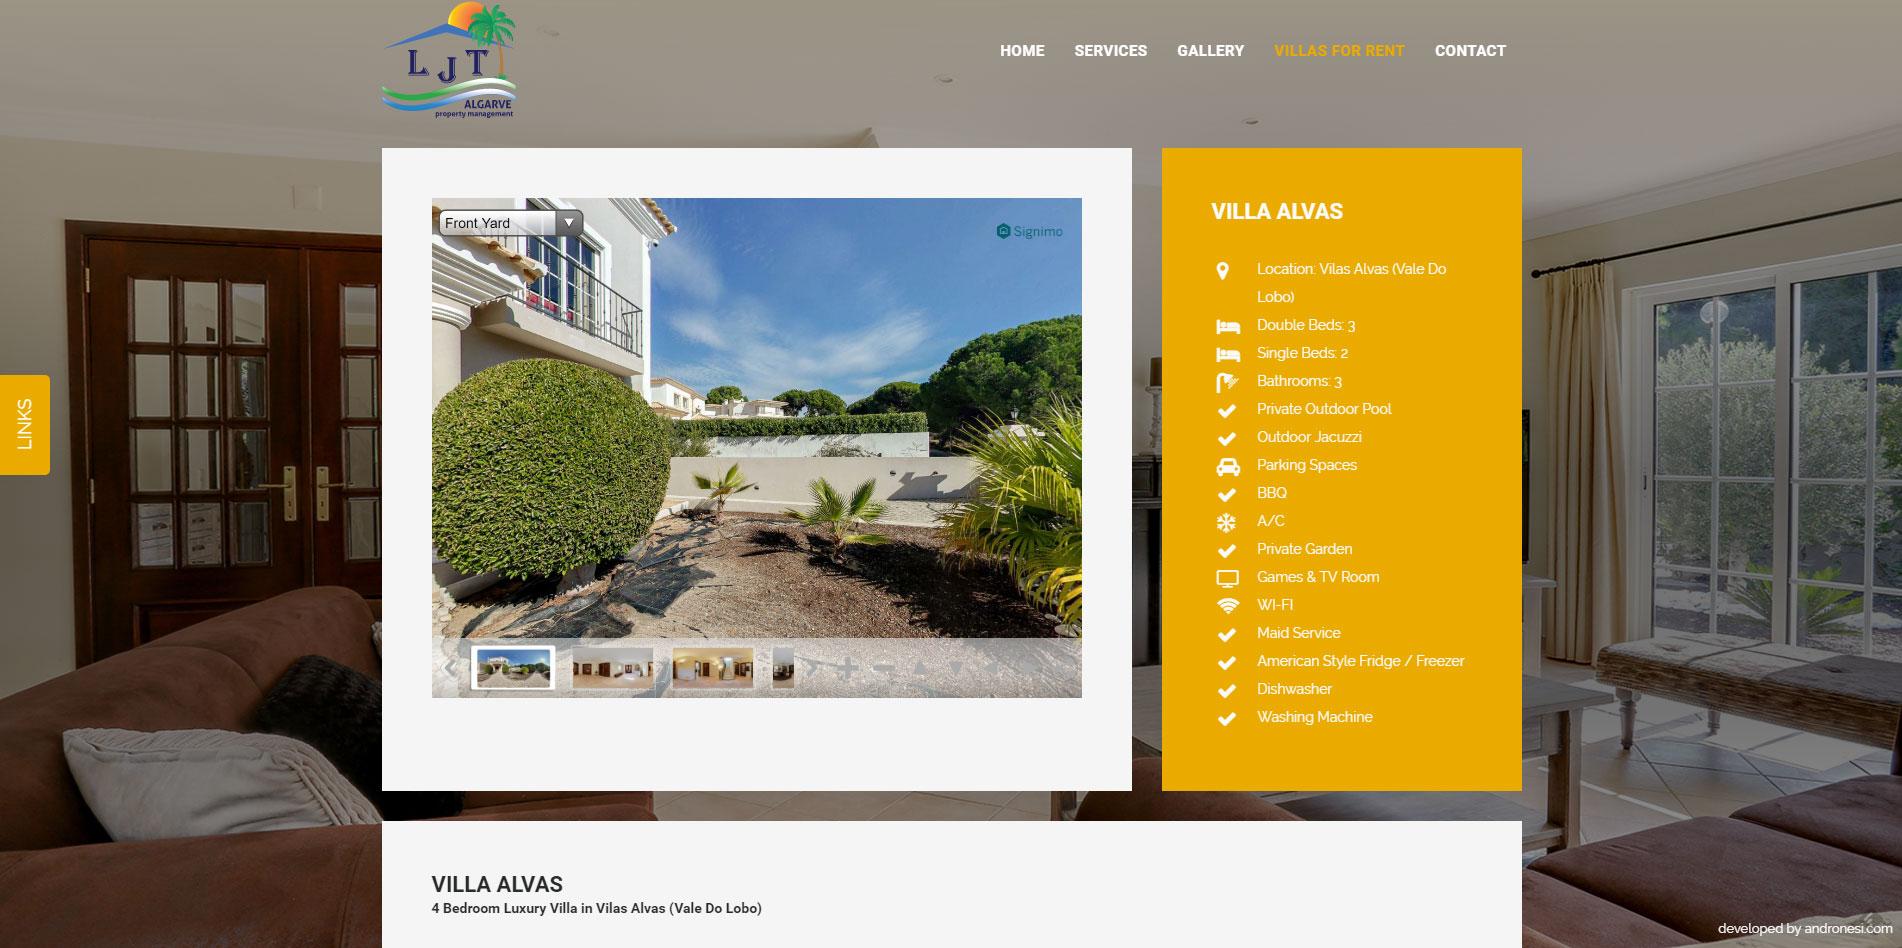 ljtalgarve responsive website redesign